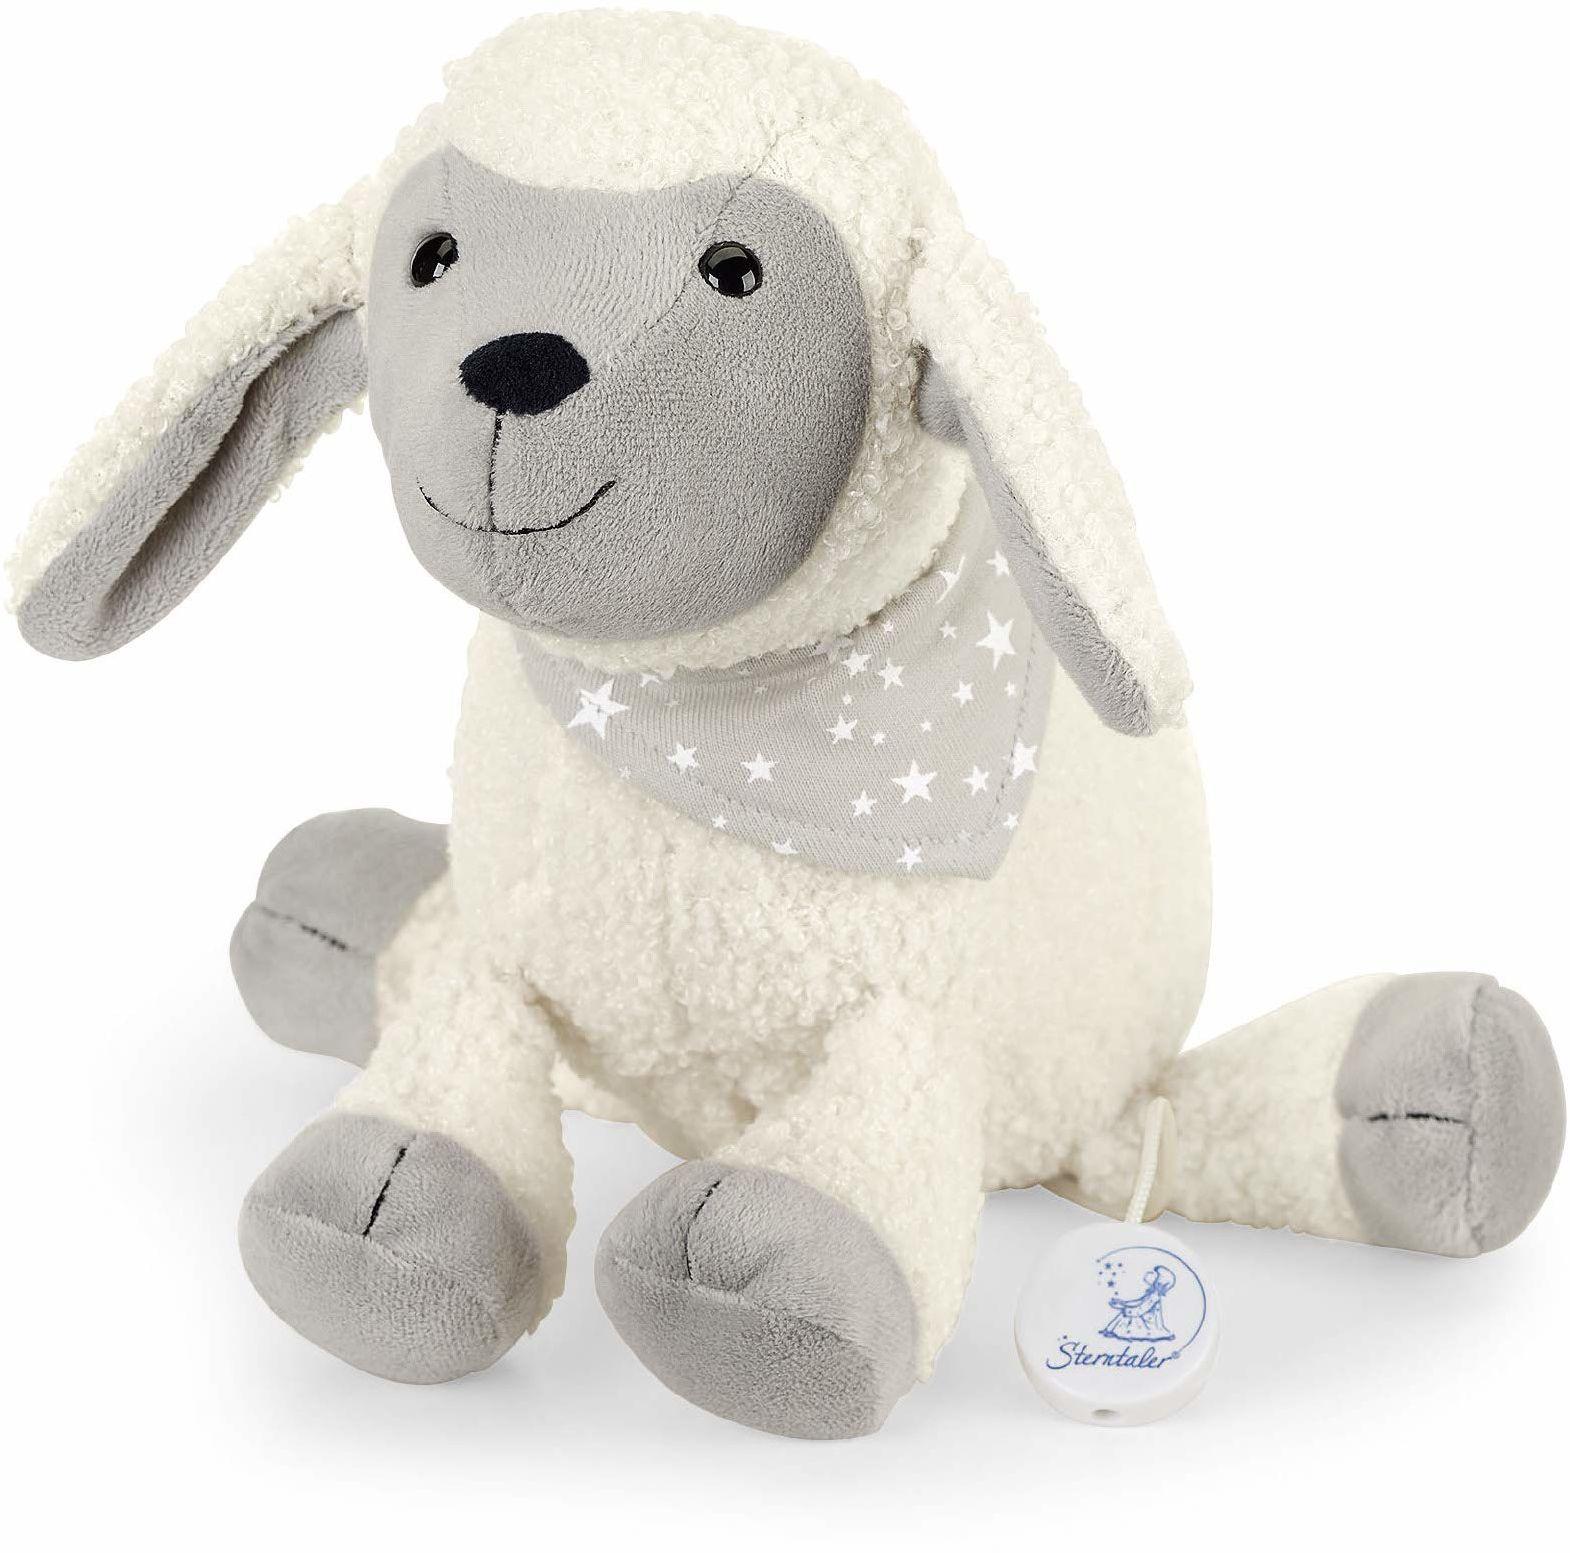 Sterntaler 6021968 owieczka muzyczna, wielokolorowa